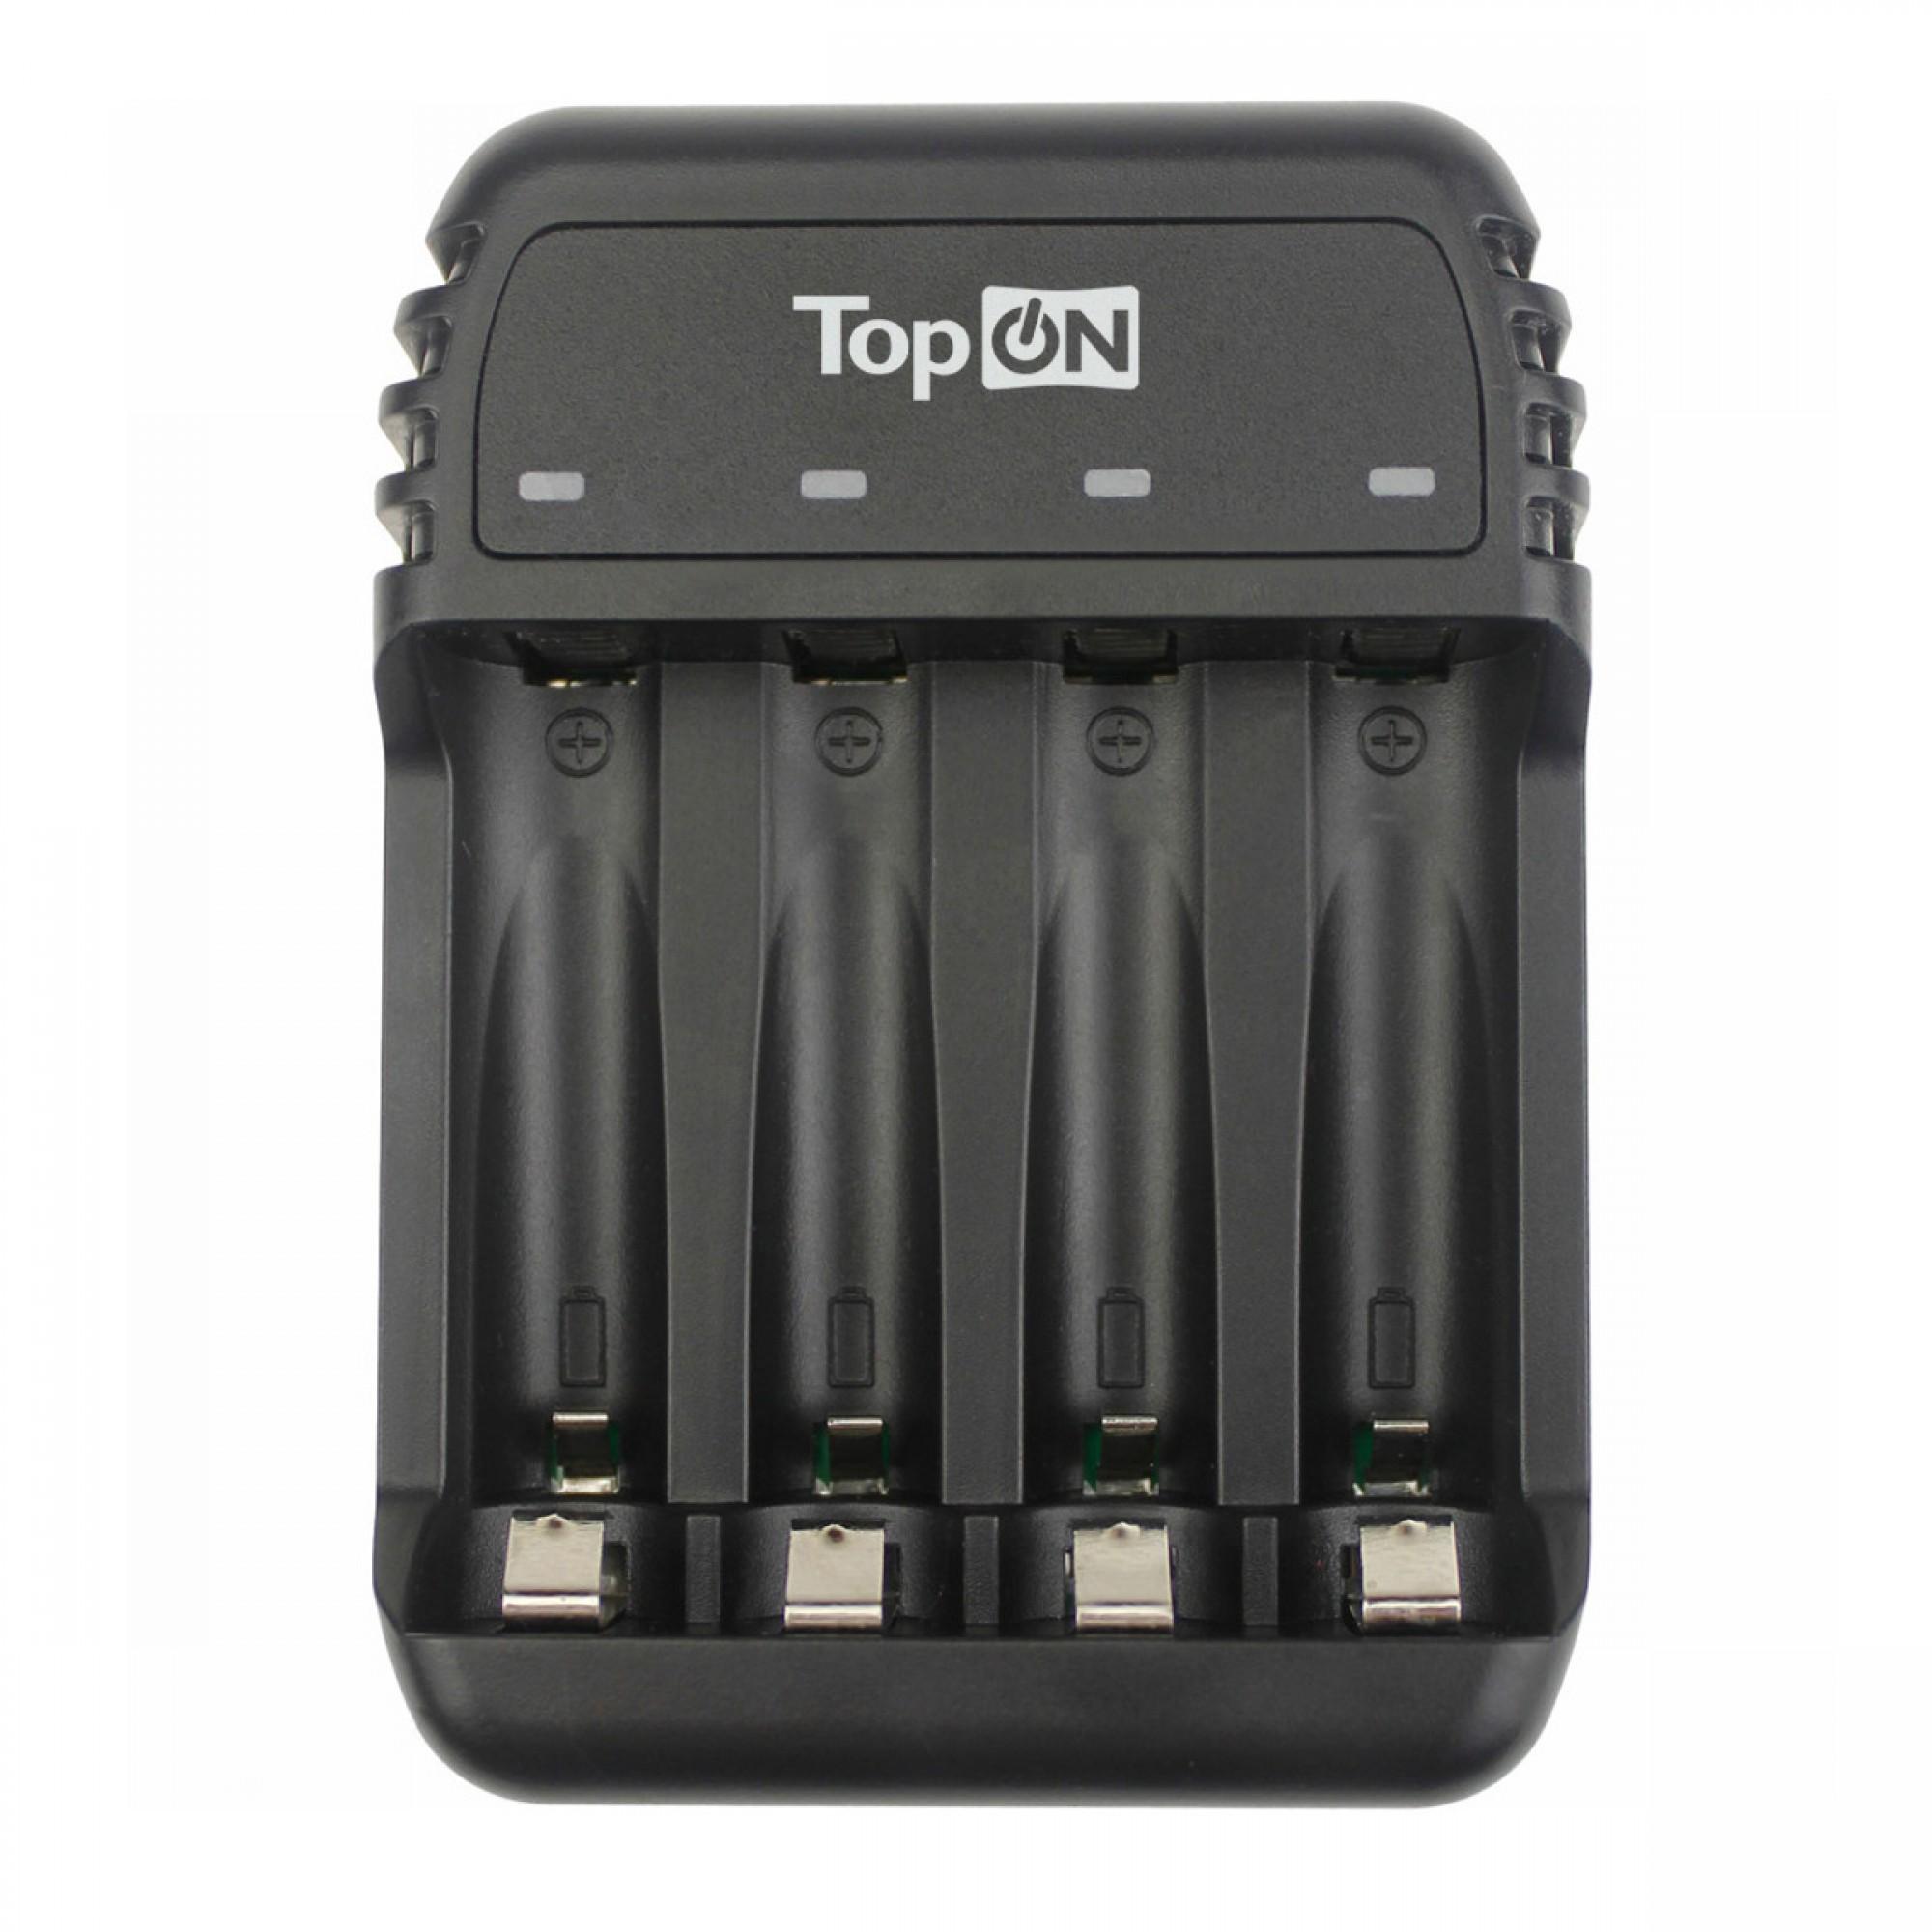 Зарядное устройство для аккумуляторных батареек TopON Black